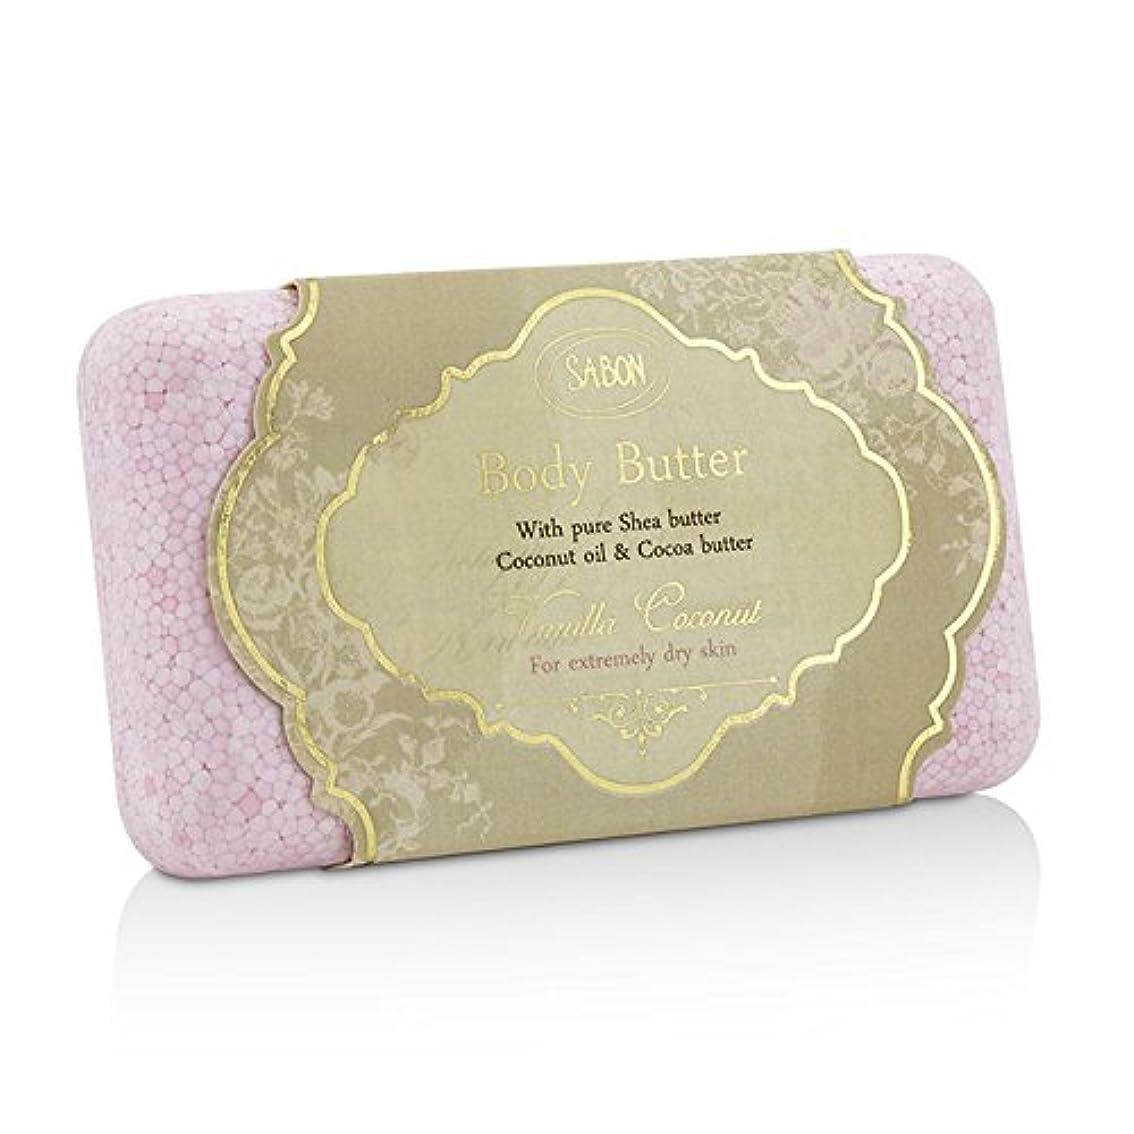 スーパーマーケット飛行機変なサボン Body Butter (For Extremely Dry Skin) - Vanilla Coconut 100g/3.53oz並行輸入品